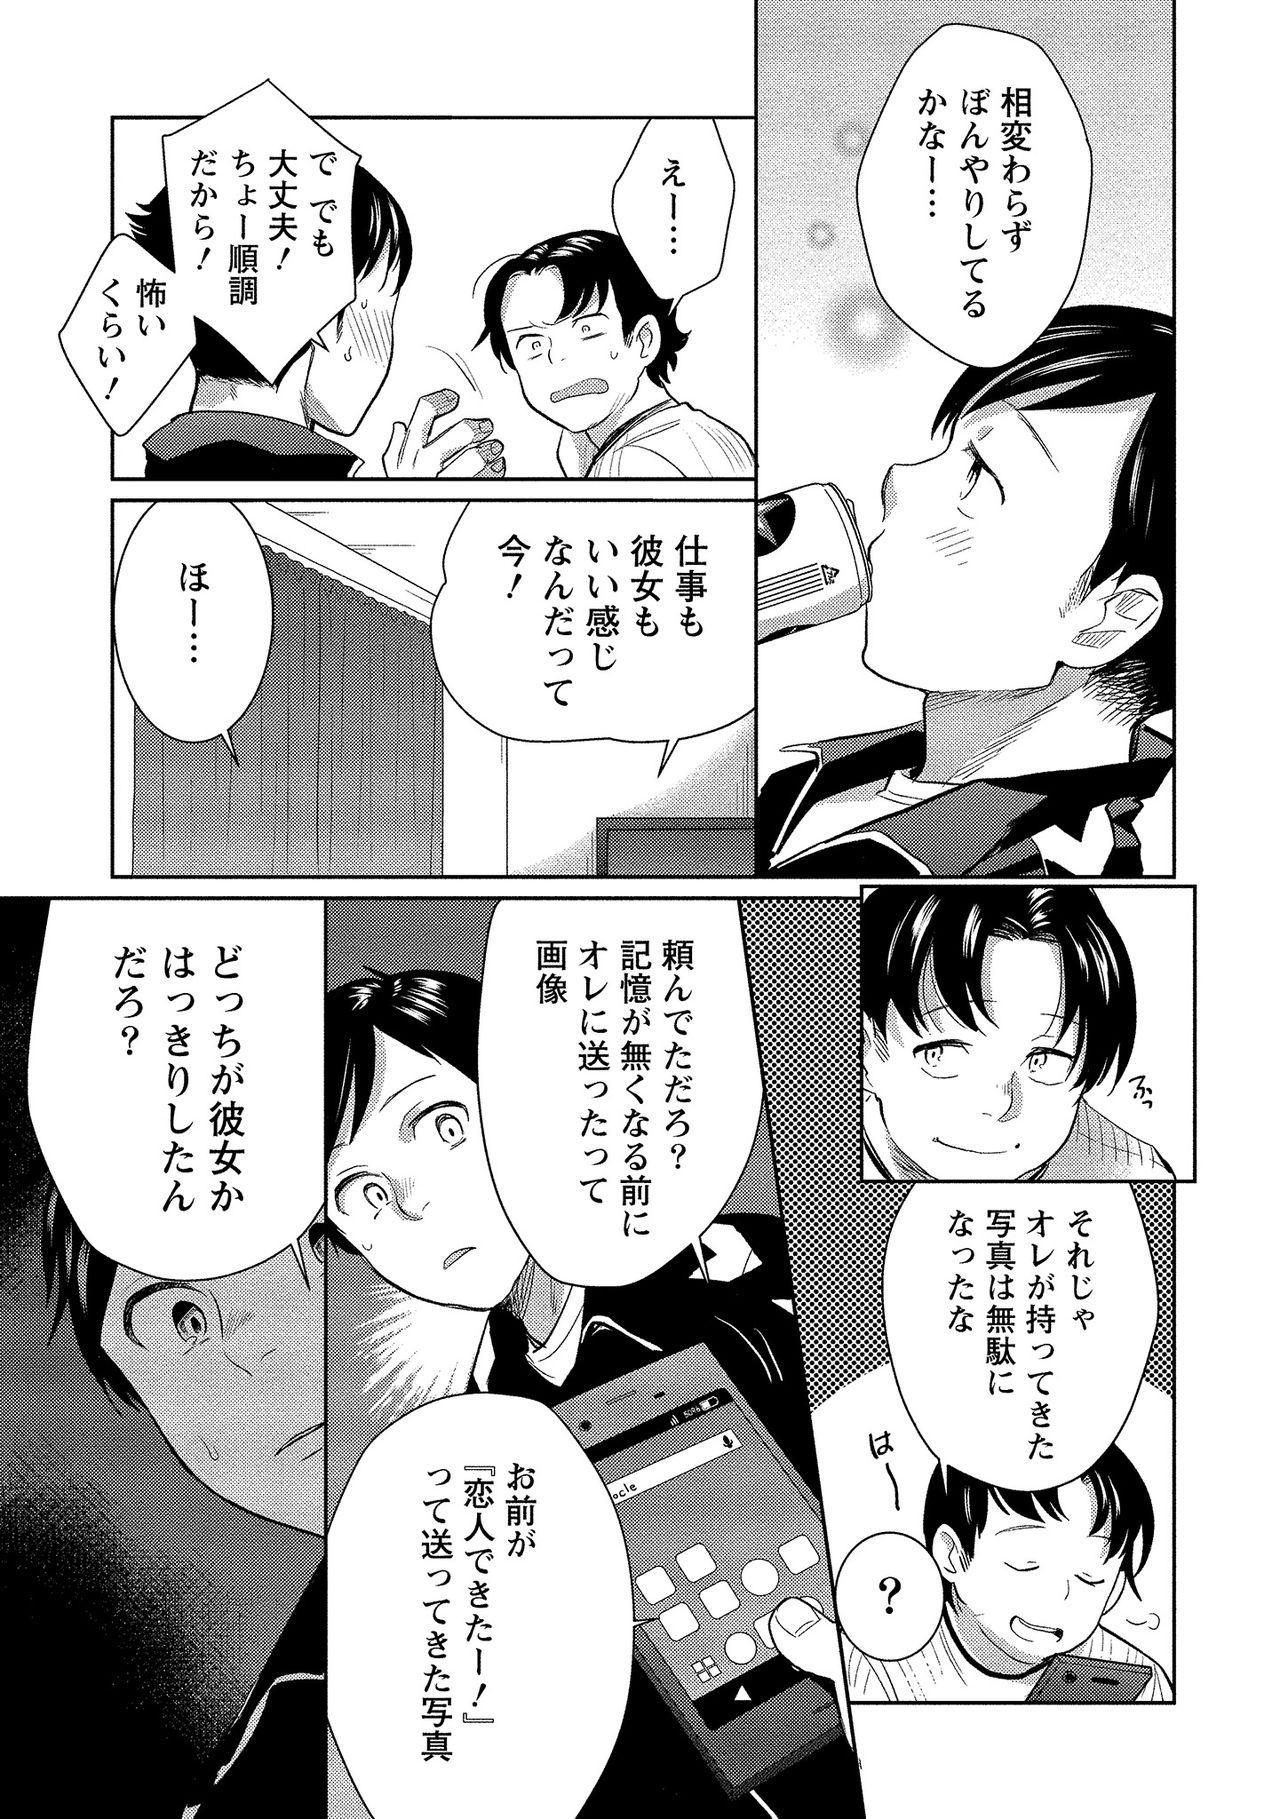 Dorobou Neko wa Kanojo no Hajimari 141